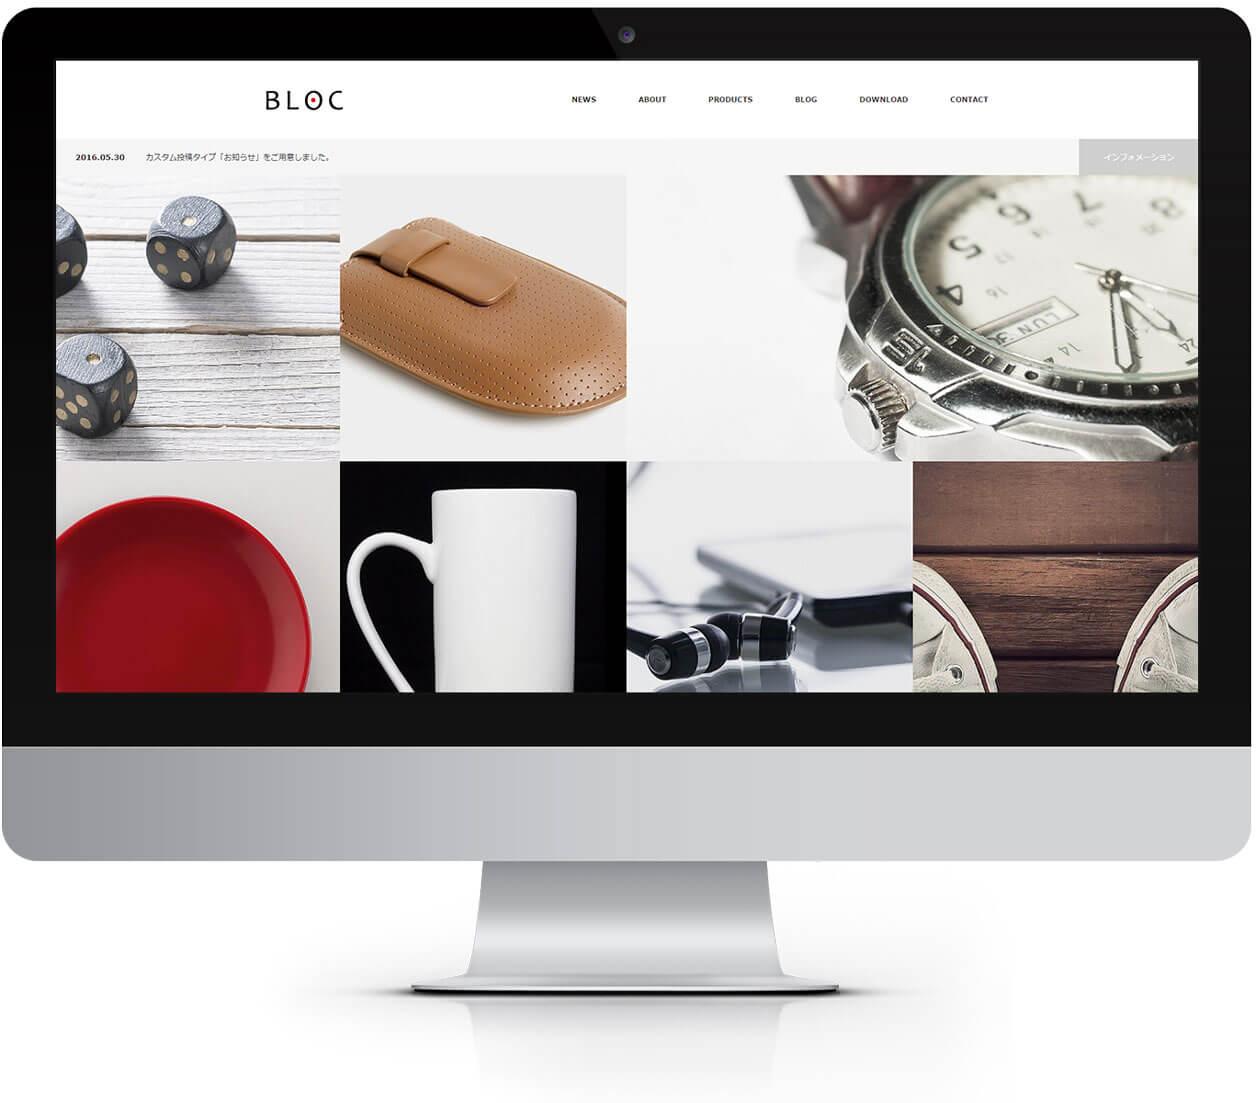 035_BLOC_Desktop